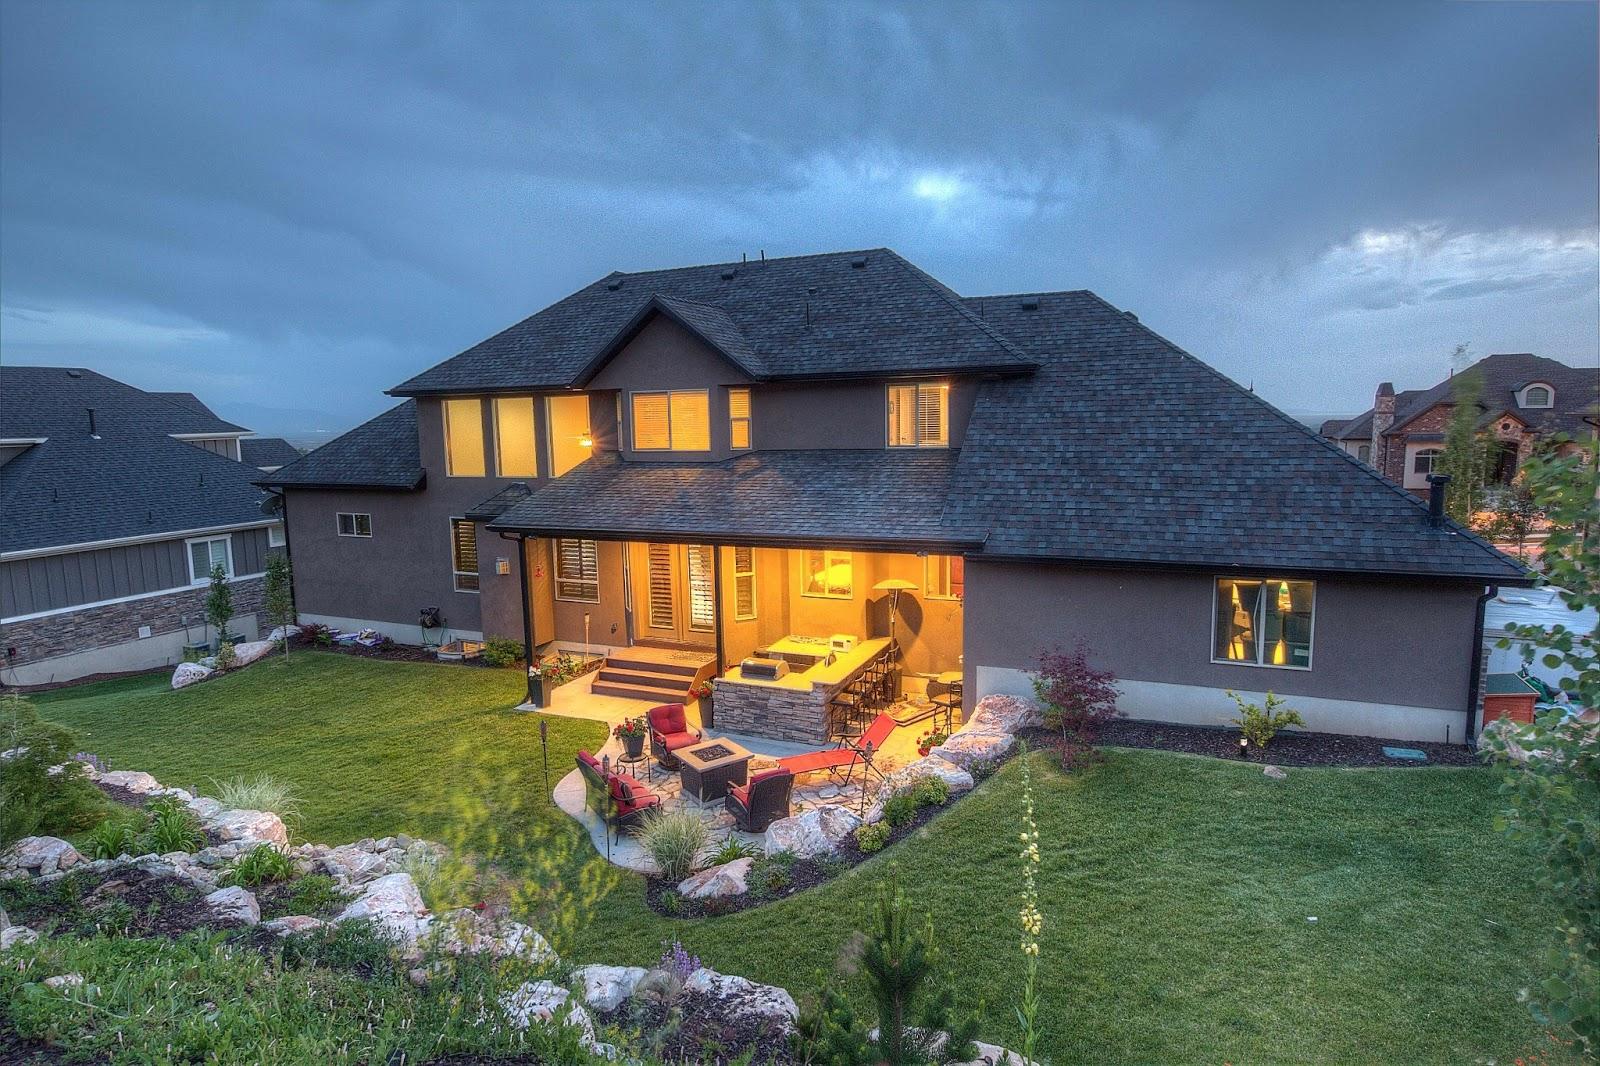 Castle creek homes utah 39 s premier home builder for Custom built houses